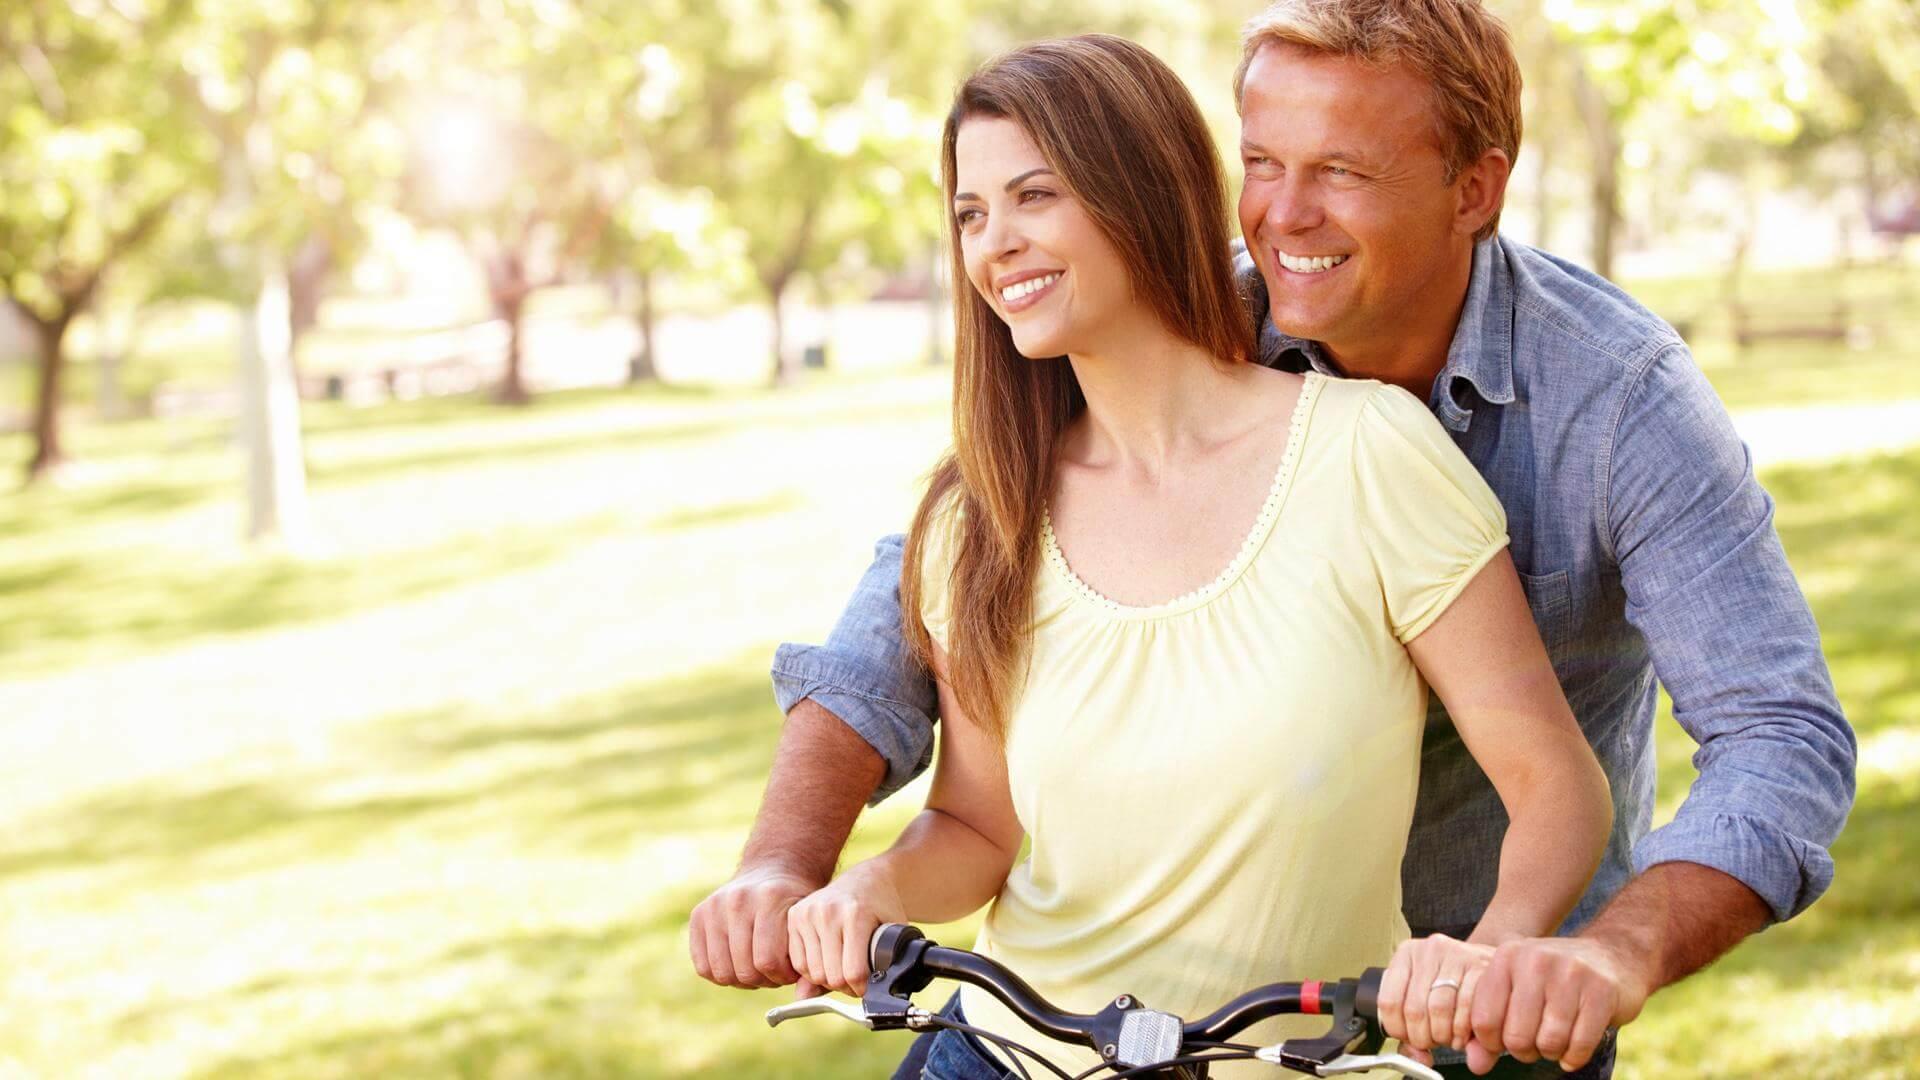 Erstellen eines online-dating-profils